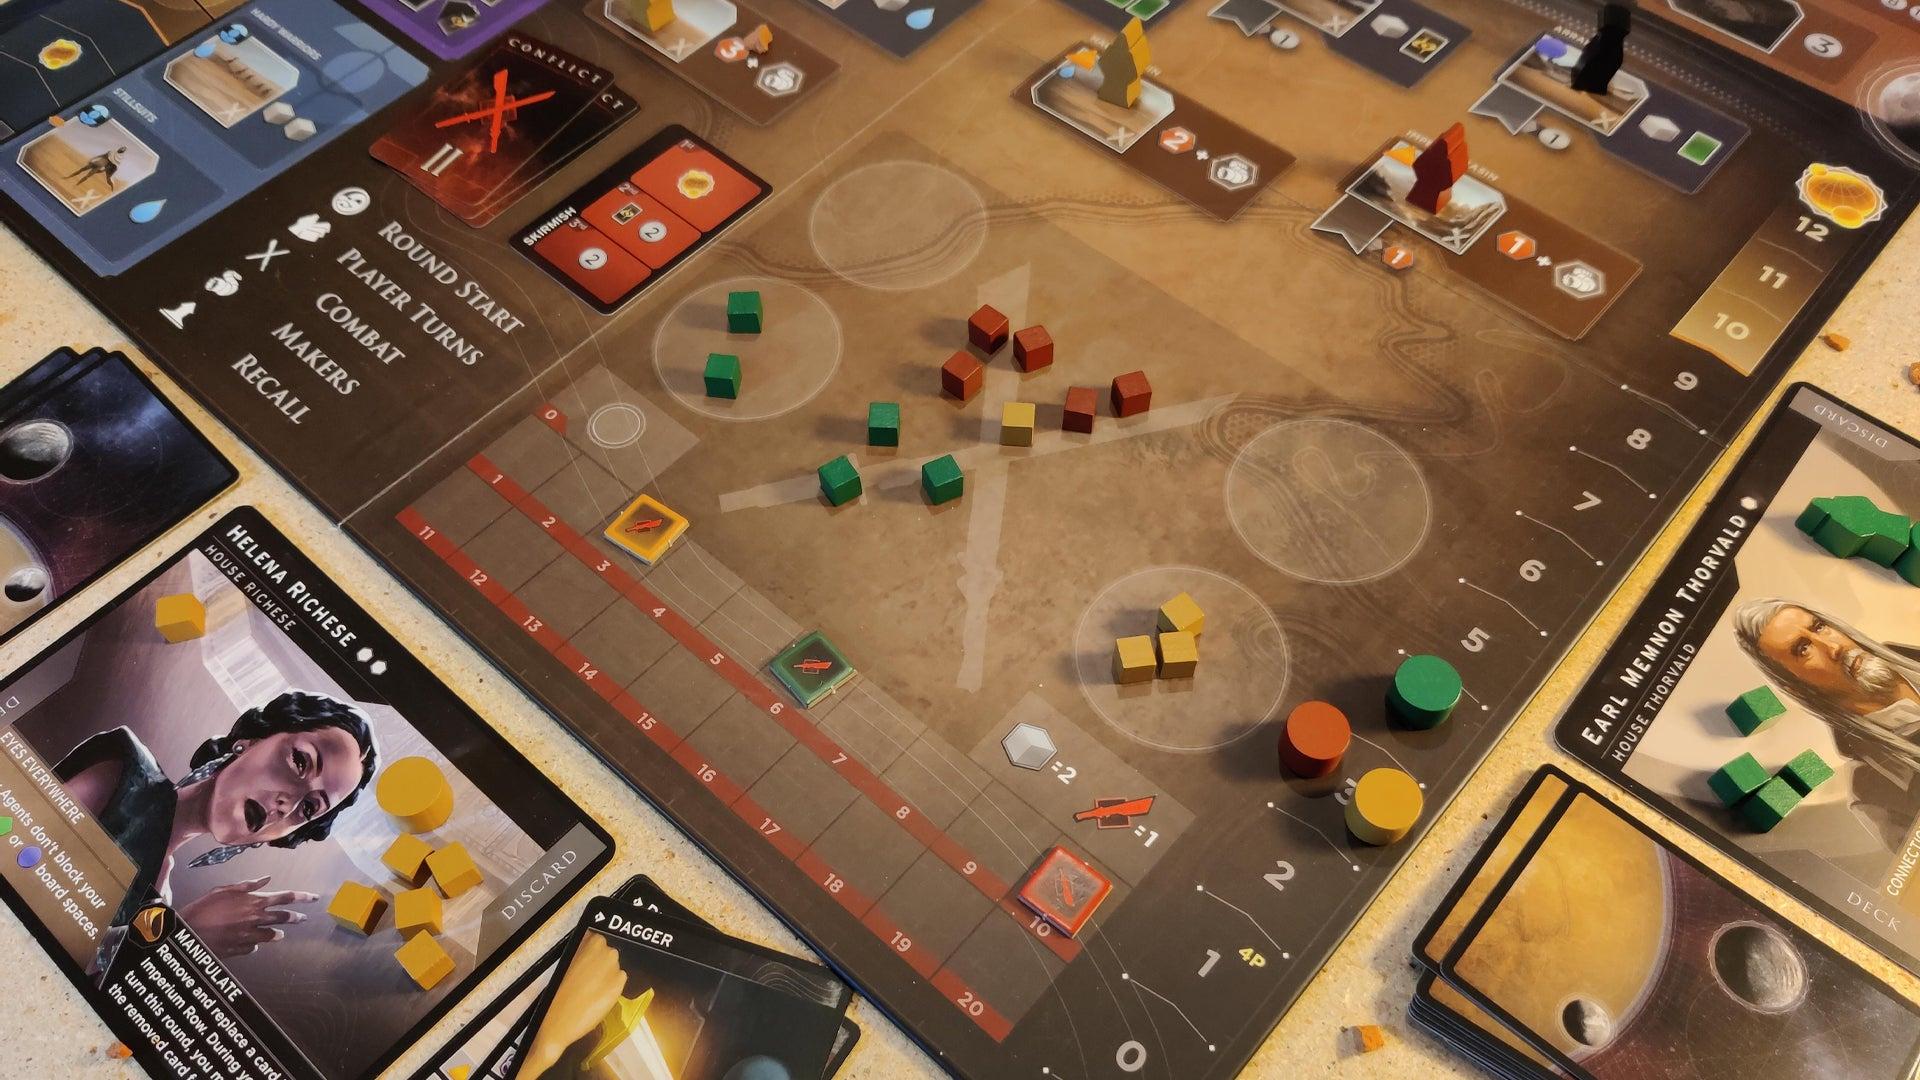 dune-imperium-board-game-conflict.jpg